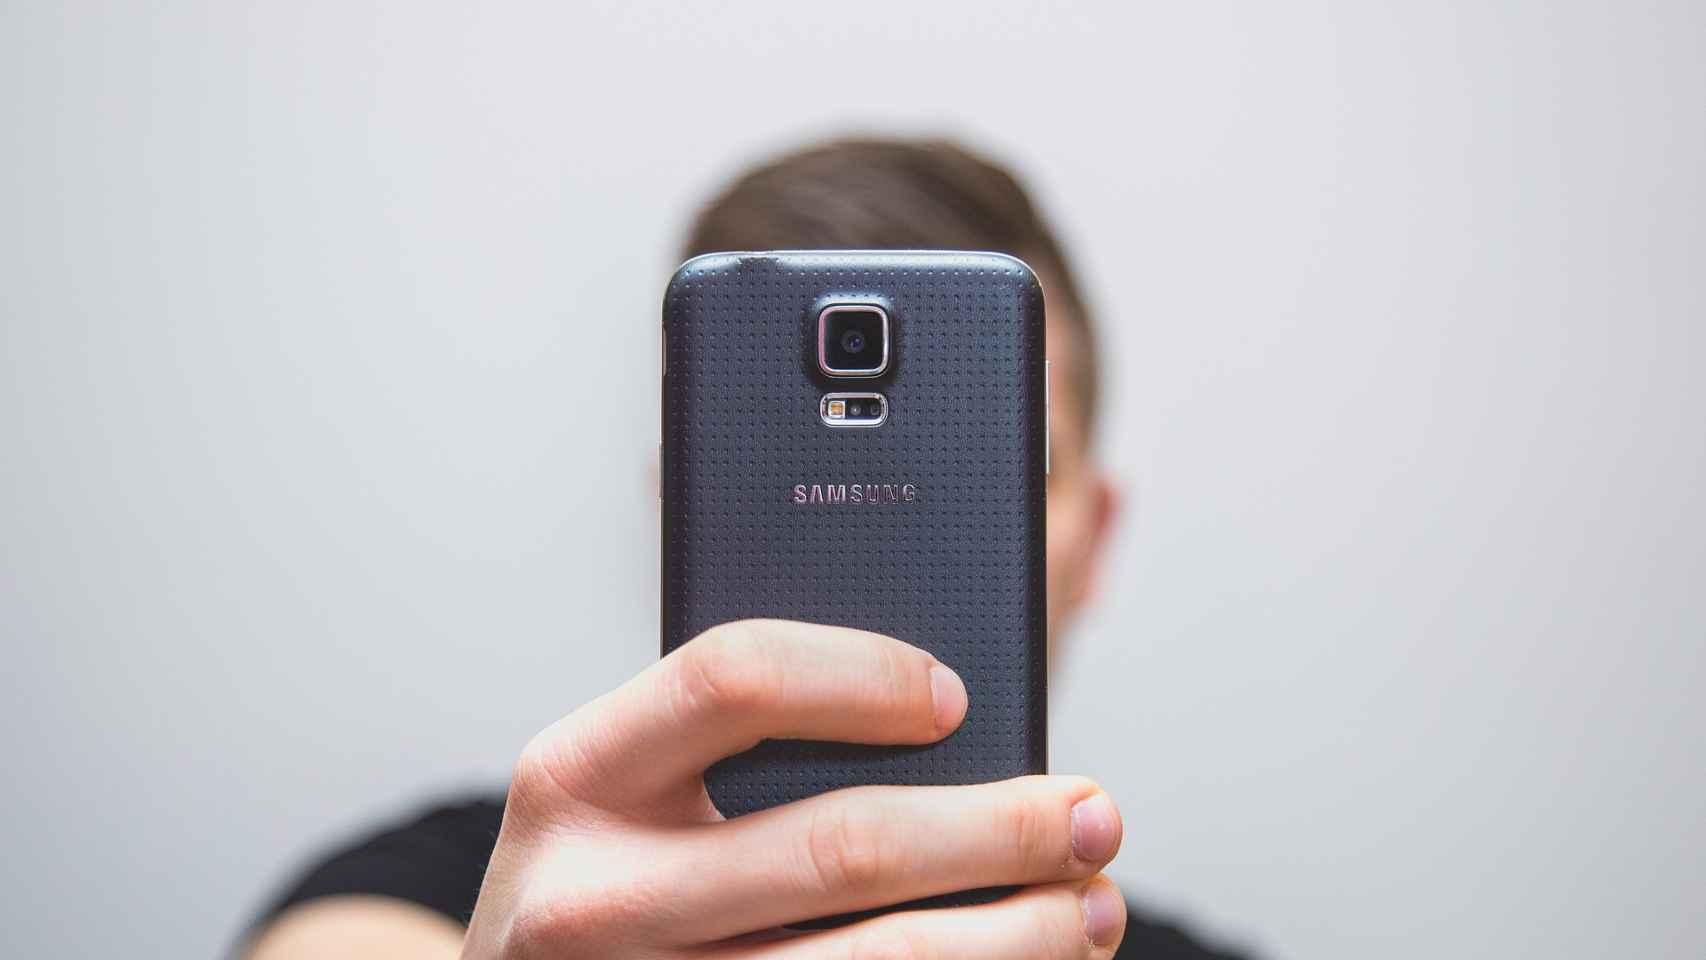 Un teléfono móvil con reconocimiento facial.